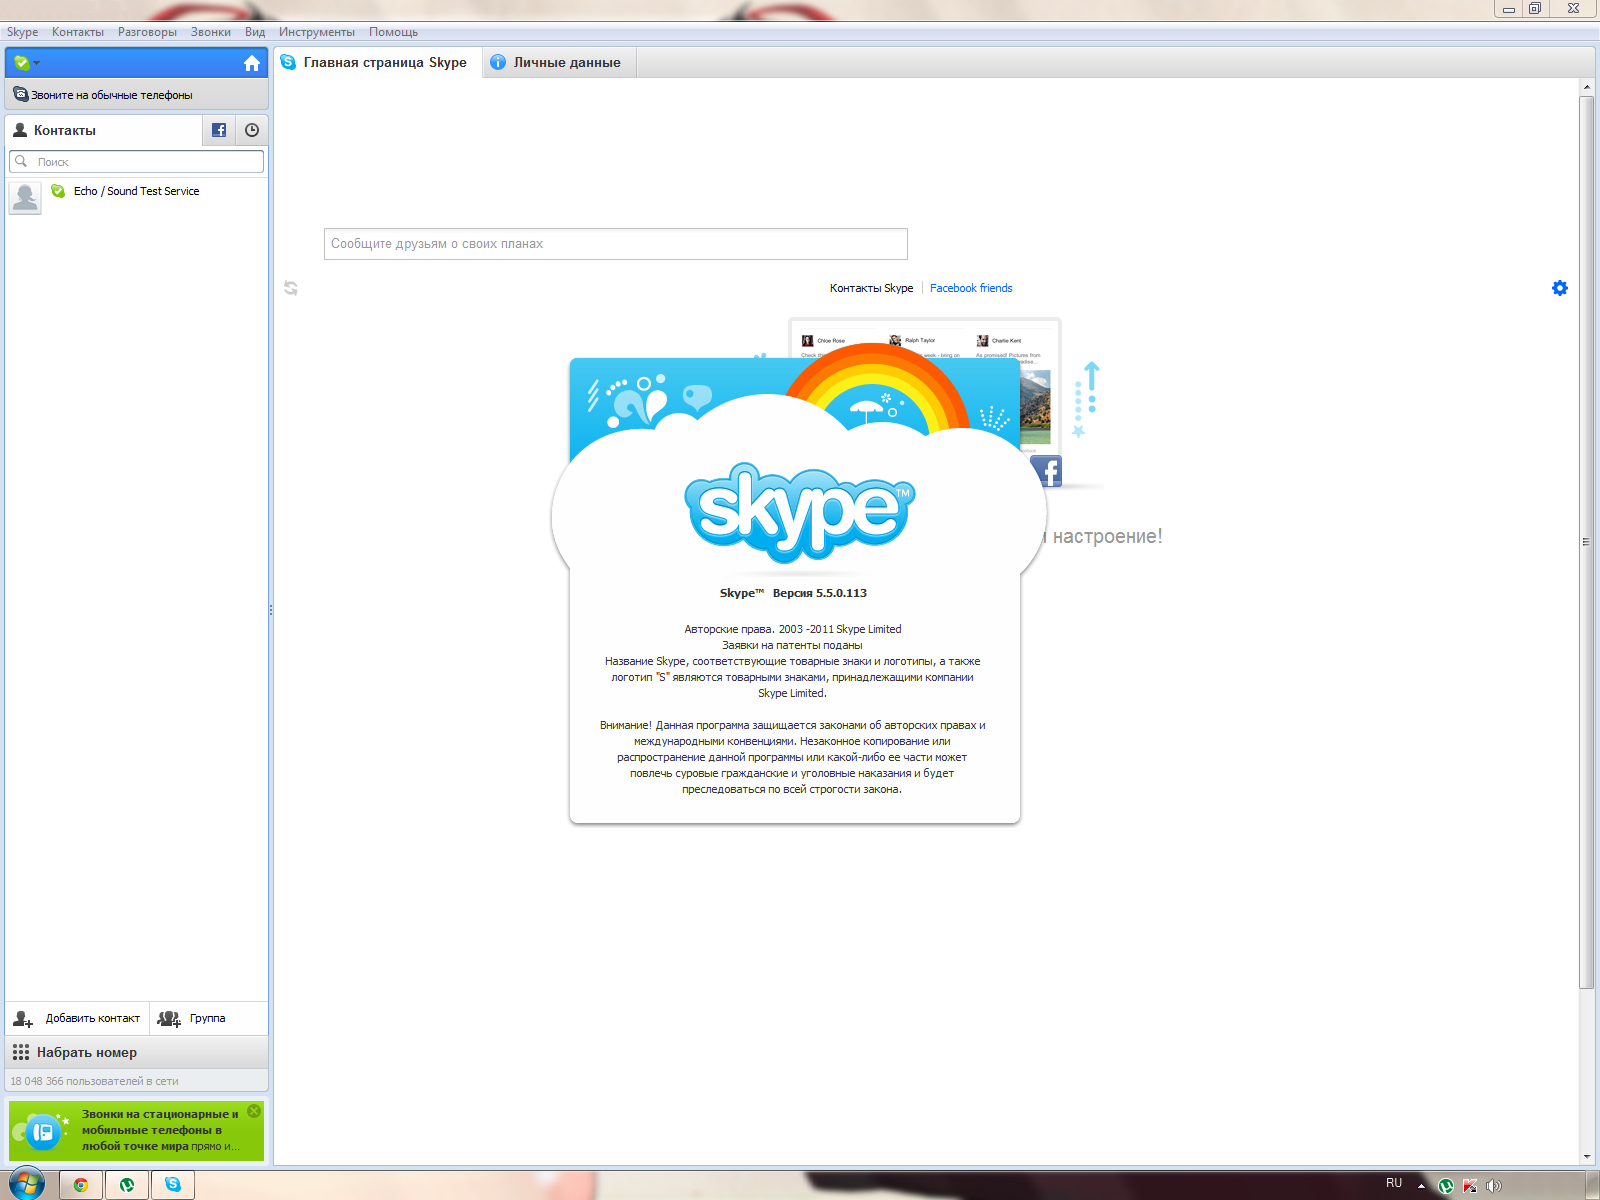 Скачать бесплатно новые звуки для скайпа